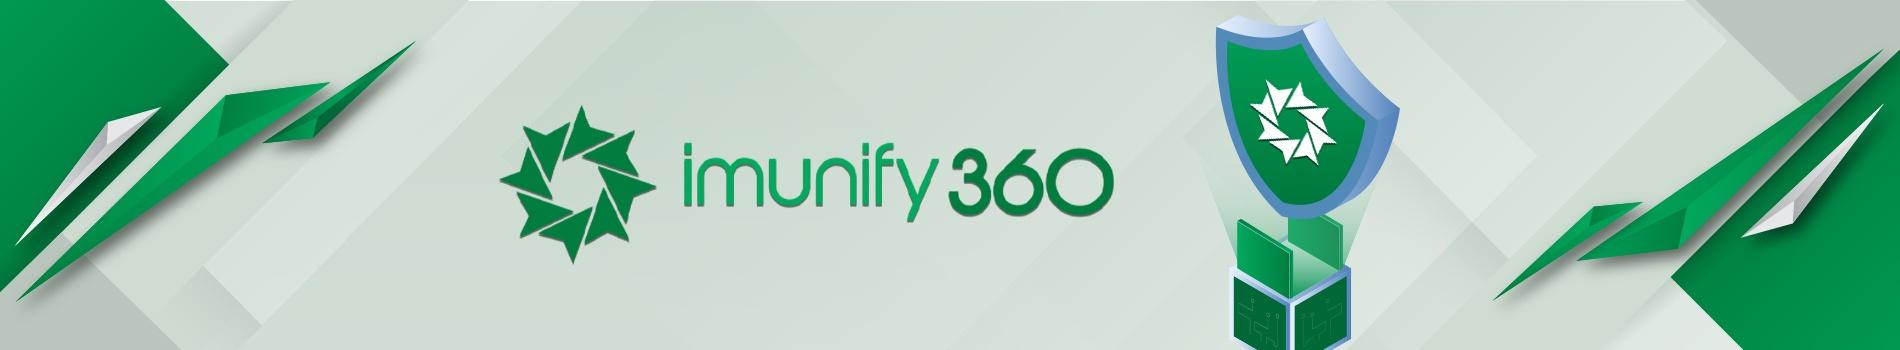 imunify360-banner